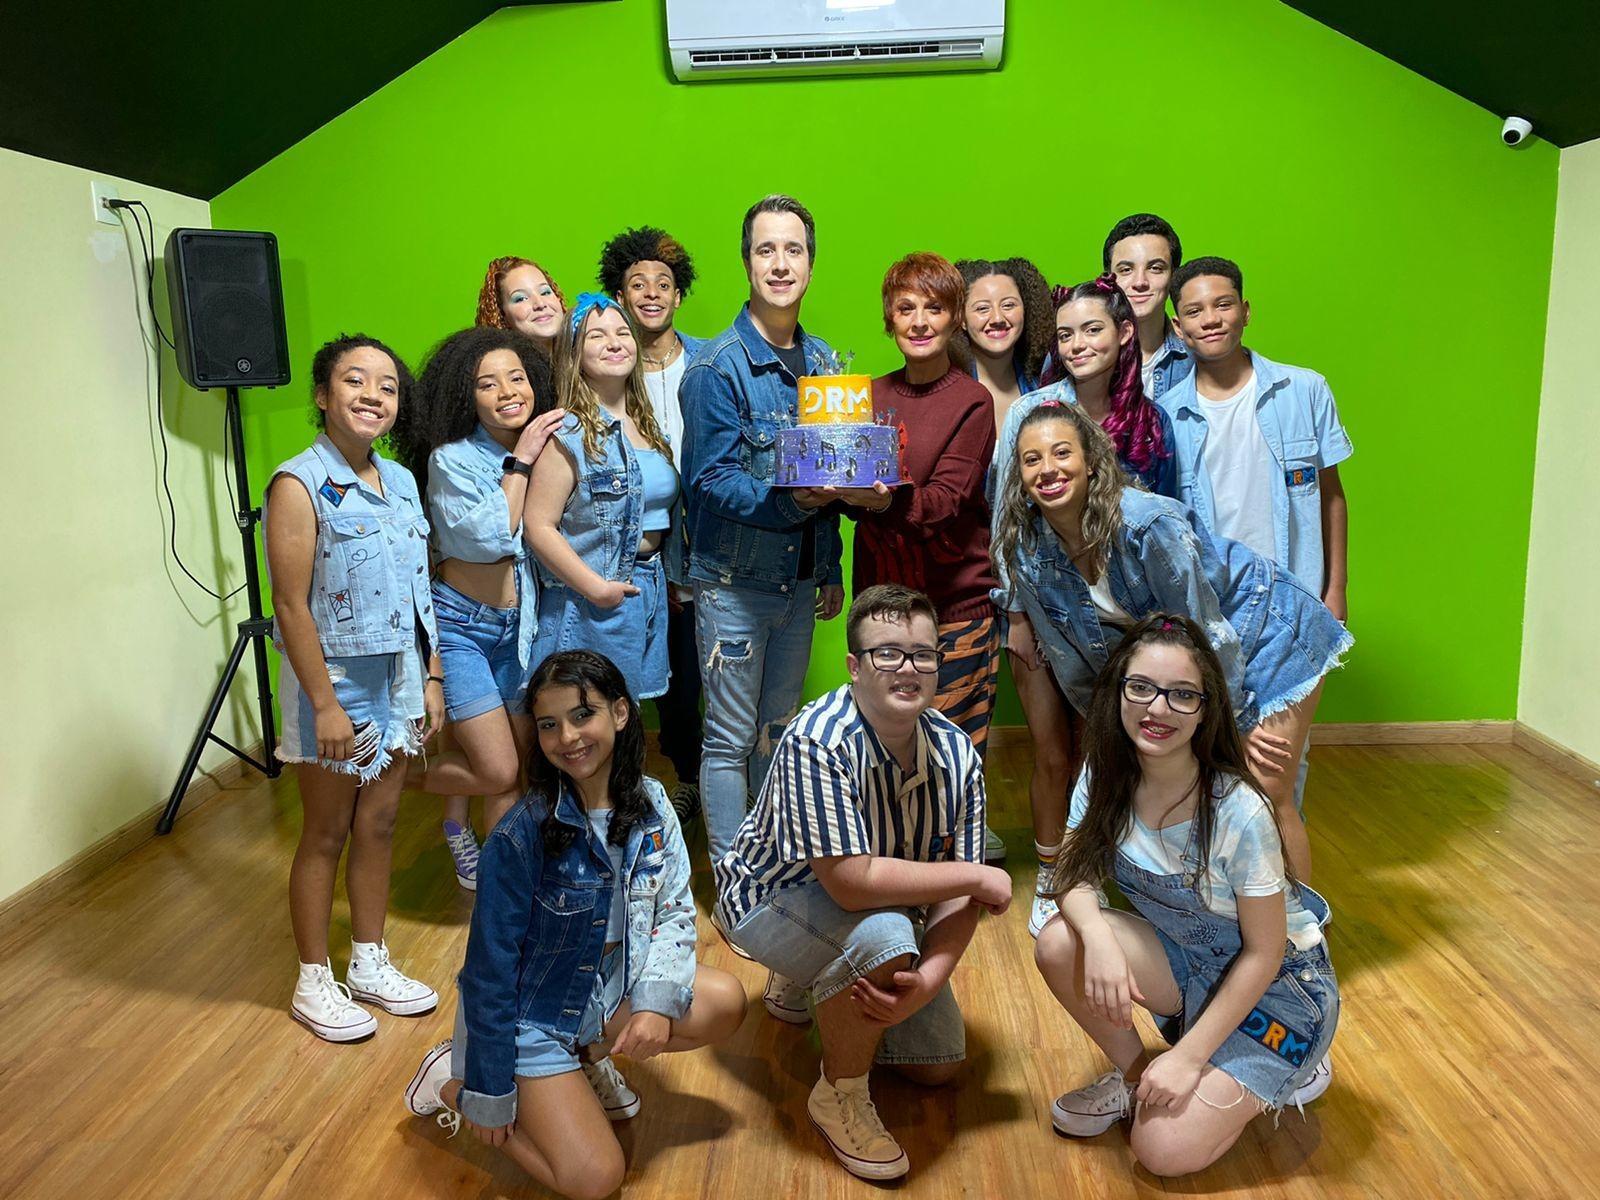 Cantora Mafalda Minnozzi comemora 19 anos do grupo Dó Ré Mi com apresentação em escola de Petrópolis